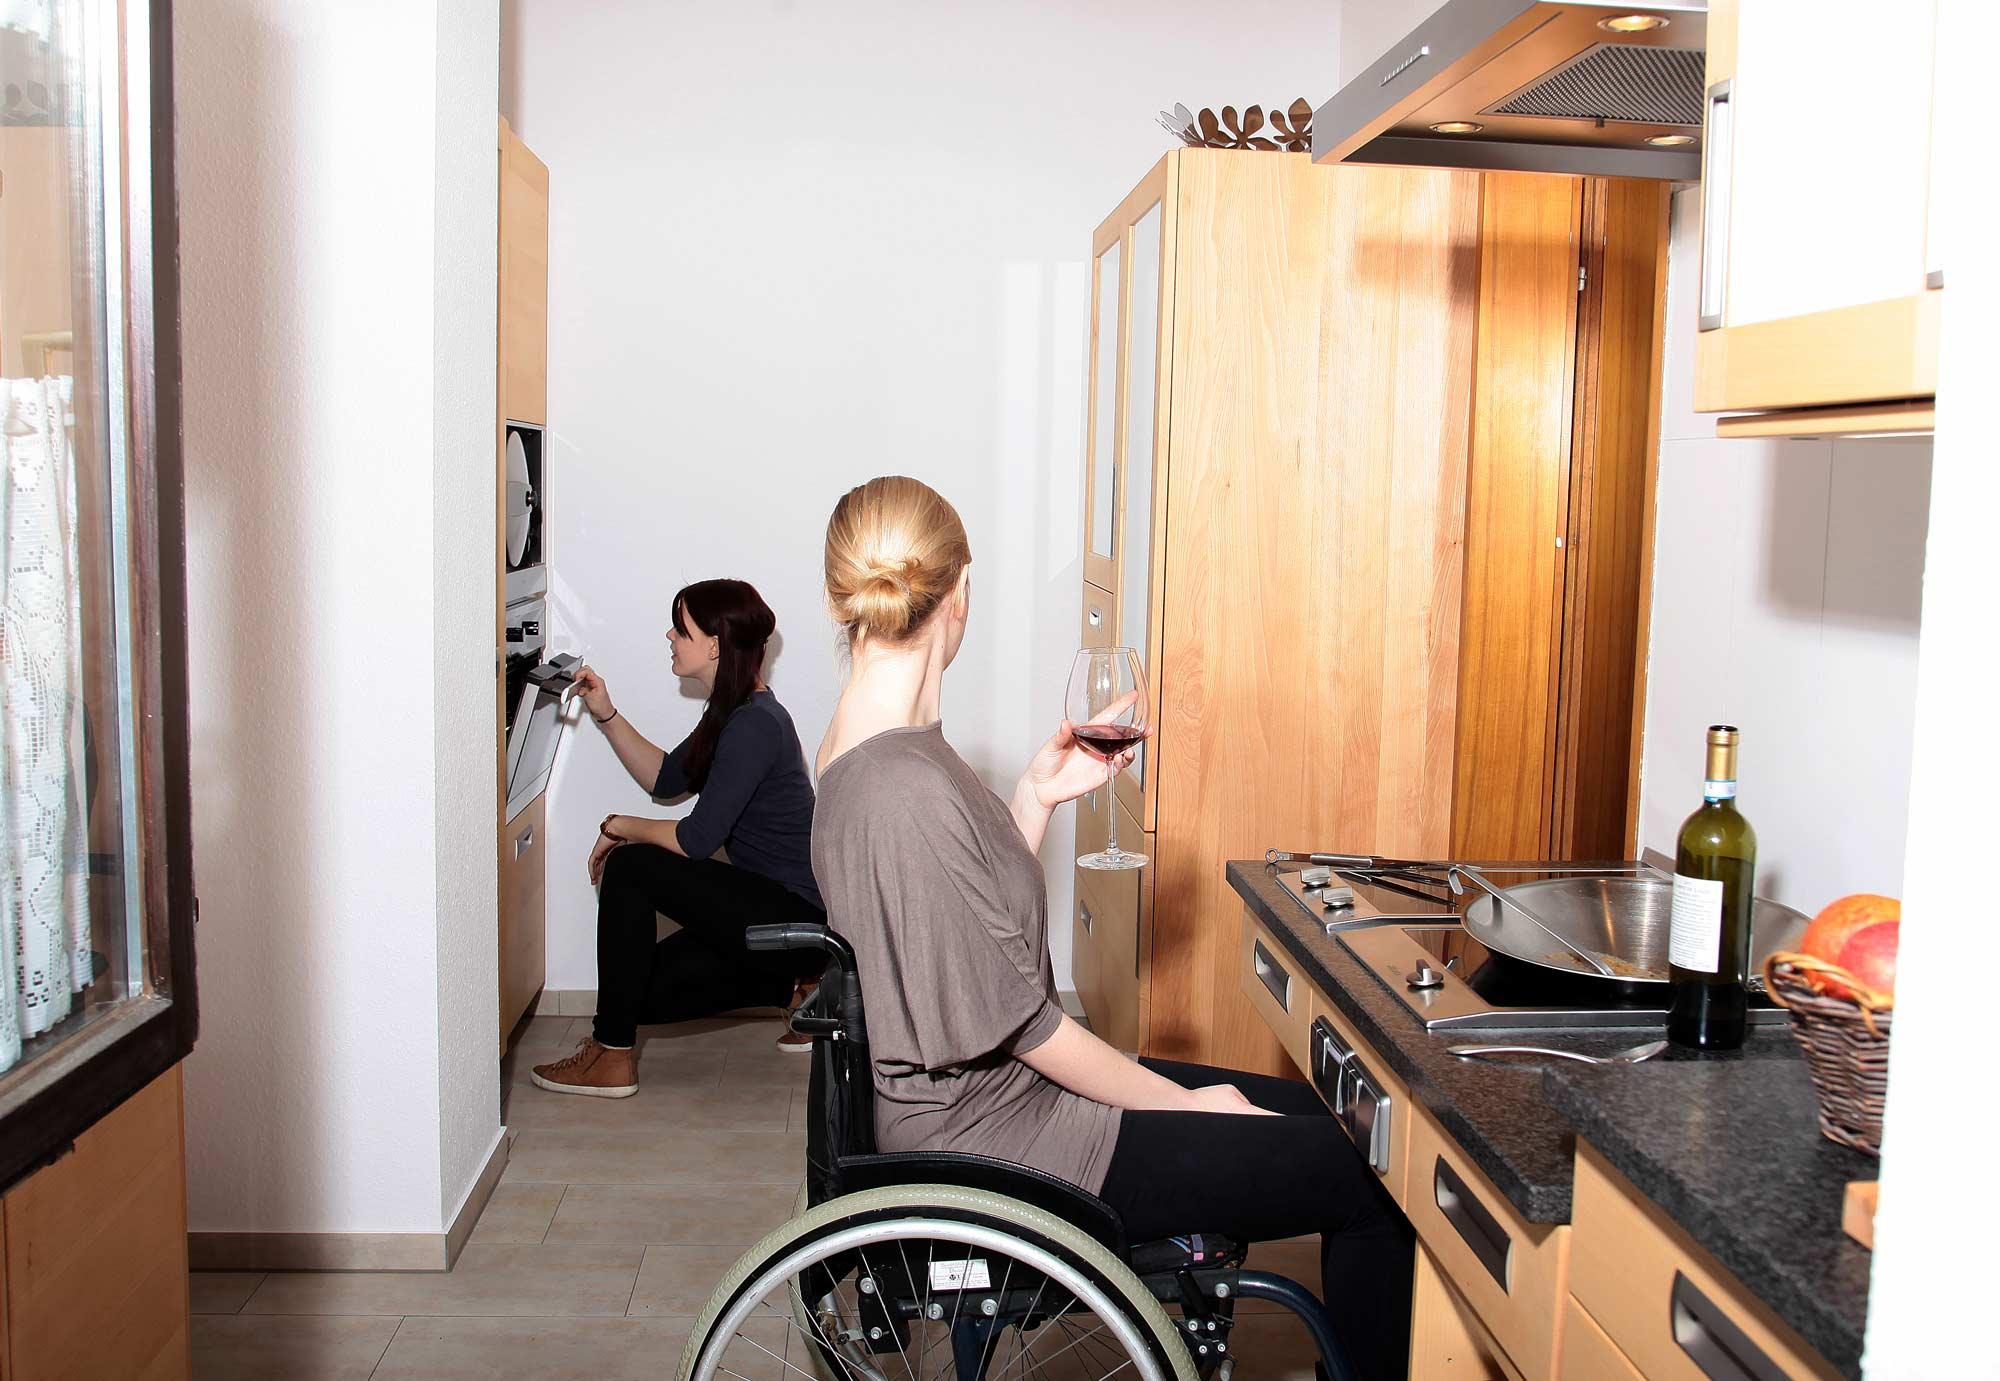 Full Size of Barrierefreie Kche Aus Massivholz Fr Rollstuhlfahrer Die Aufbewahrungsbehälter Küche Gardinen Für Hochschrank Industrie Hängeschränke Was Kostet Eine Neue Küche Behindertengerechte Küche